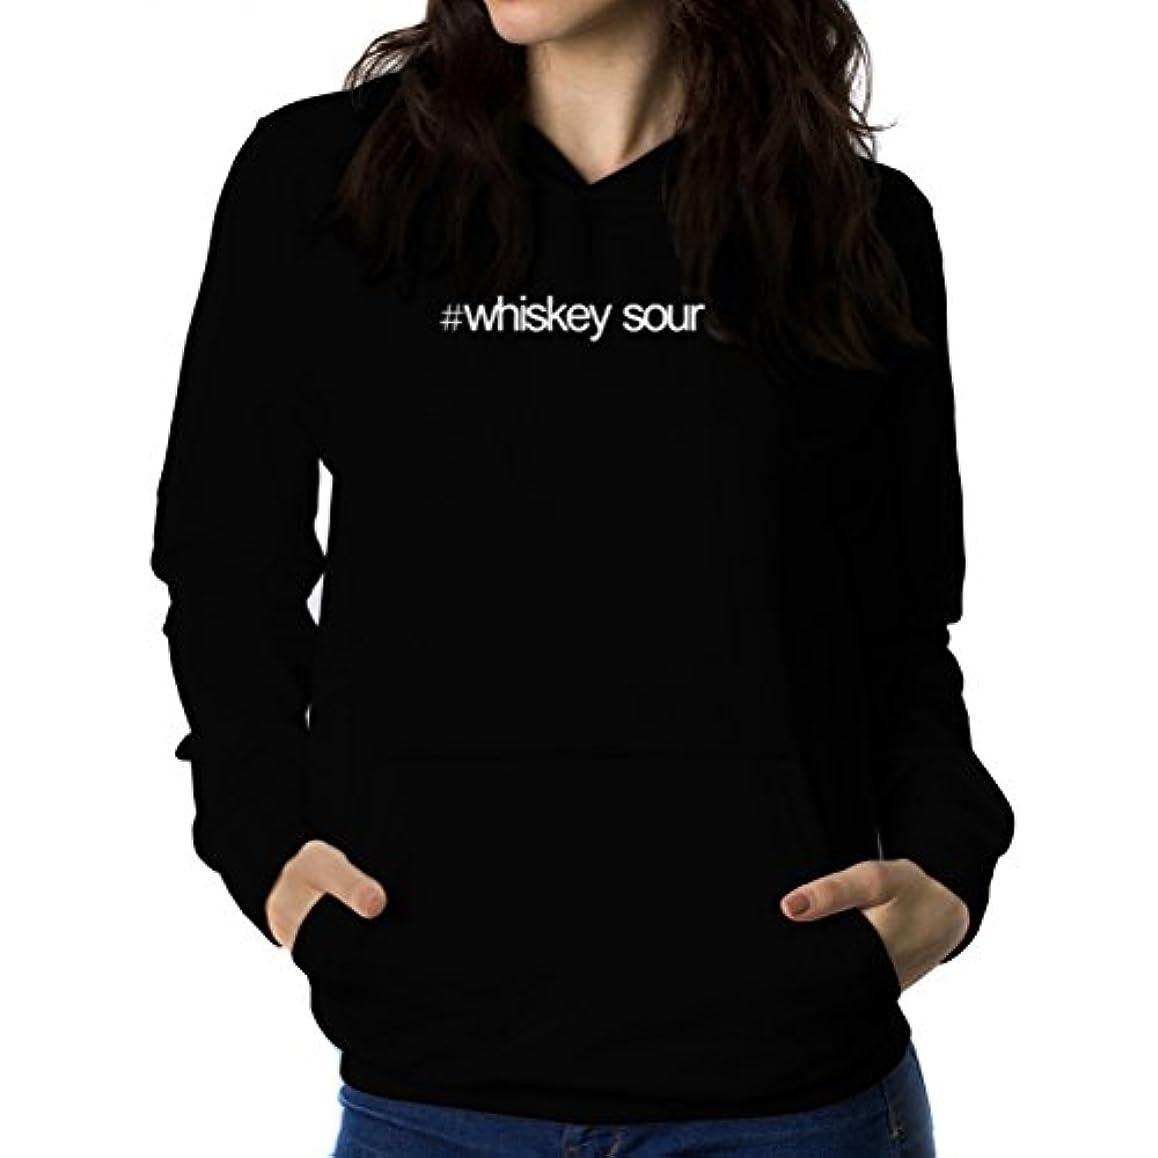 環境保護主義者ロケット西Hashtag Whiskey sour 女性 フーディー